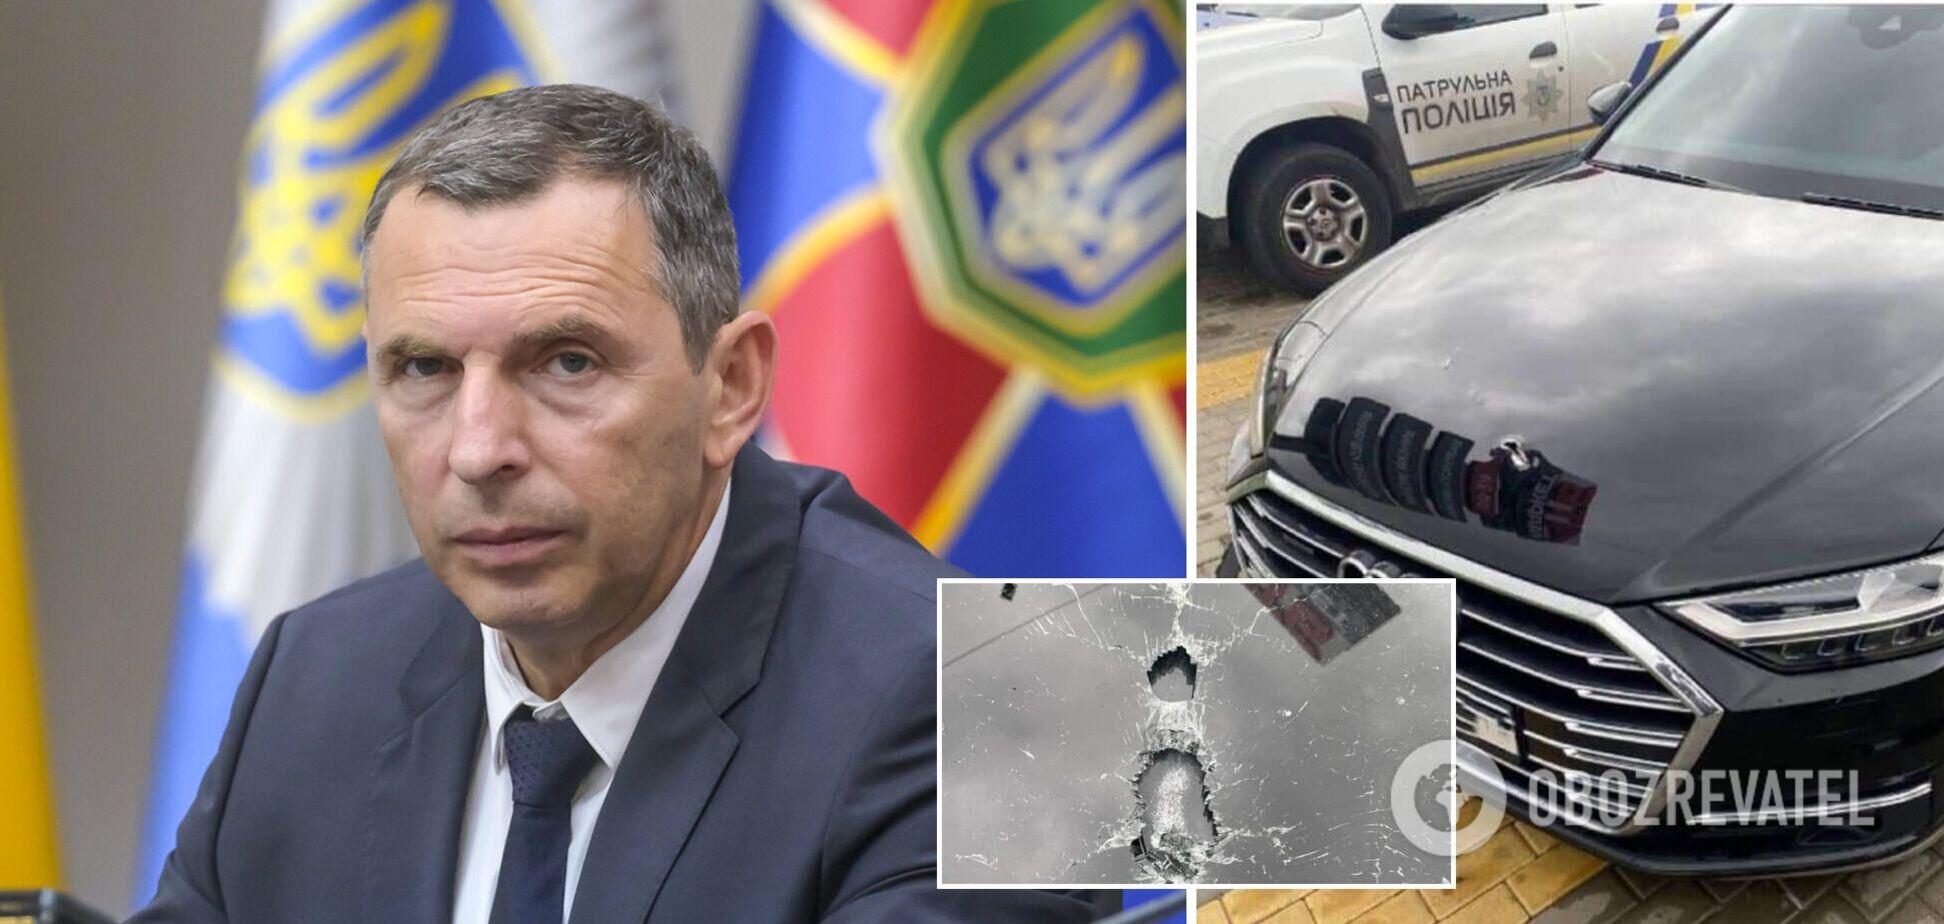 На радника президента Шефіра було скоєно замах, поранено водія. Фото та всі подробиці